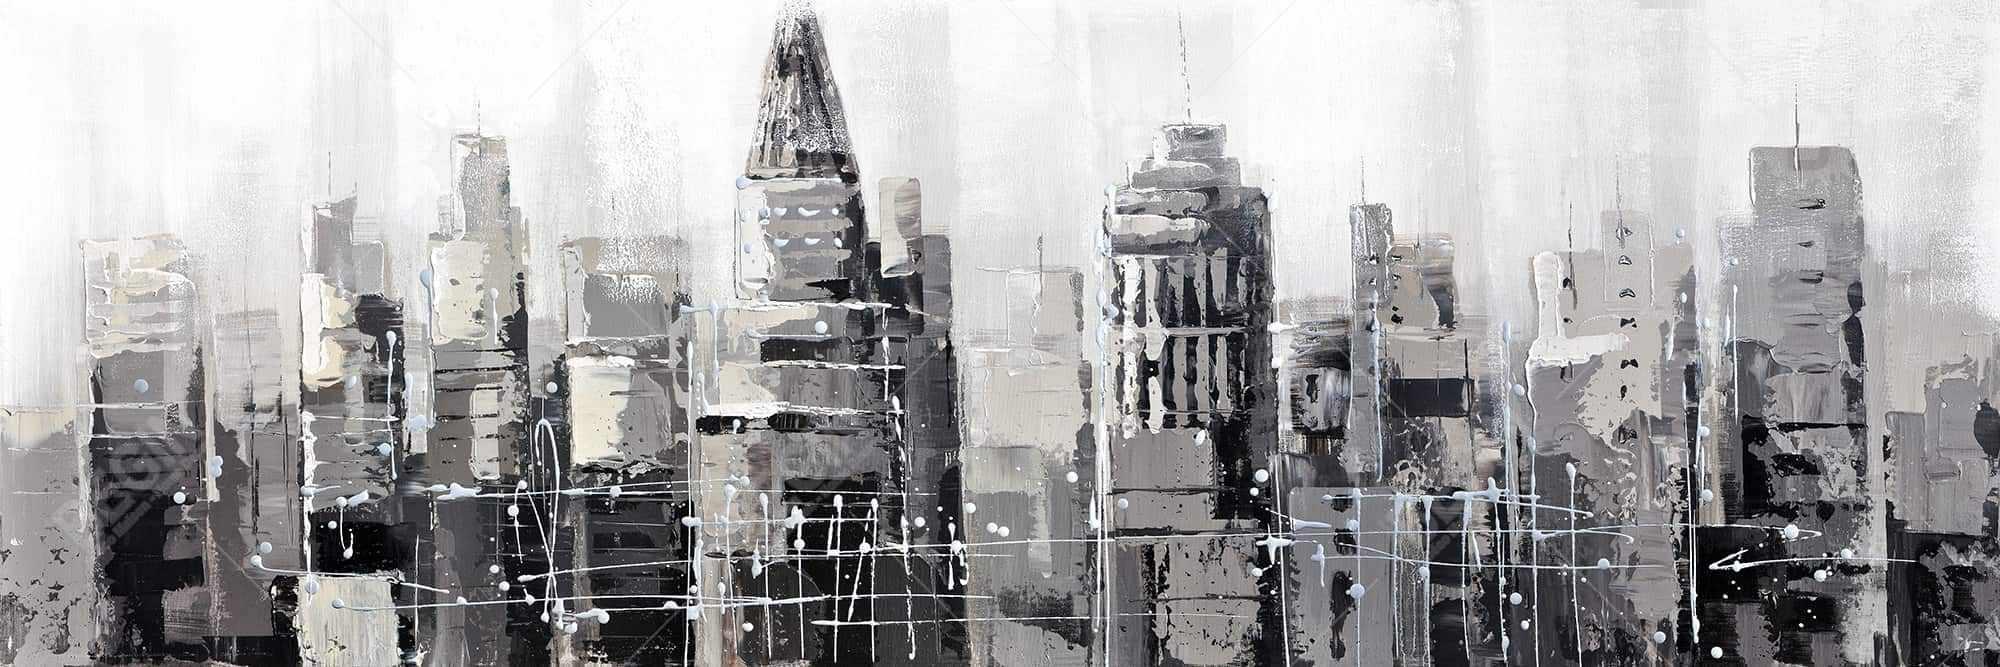 Ville grise avec éclats de peinture